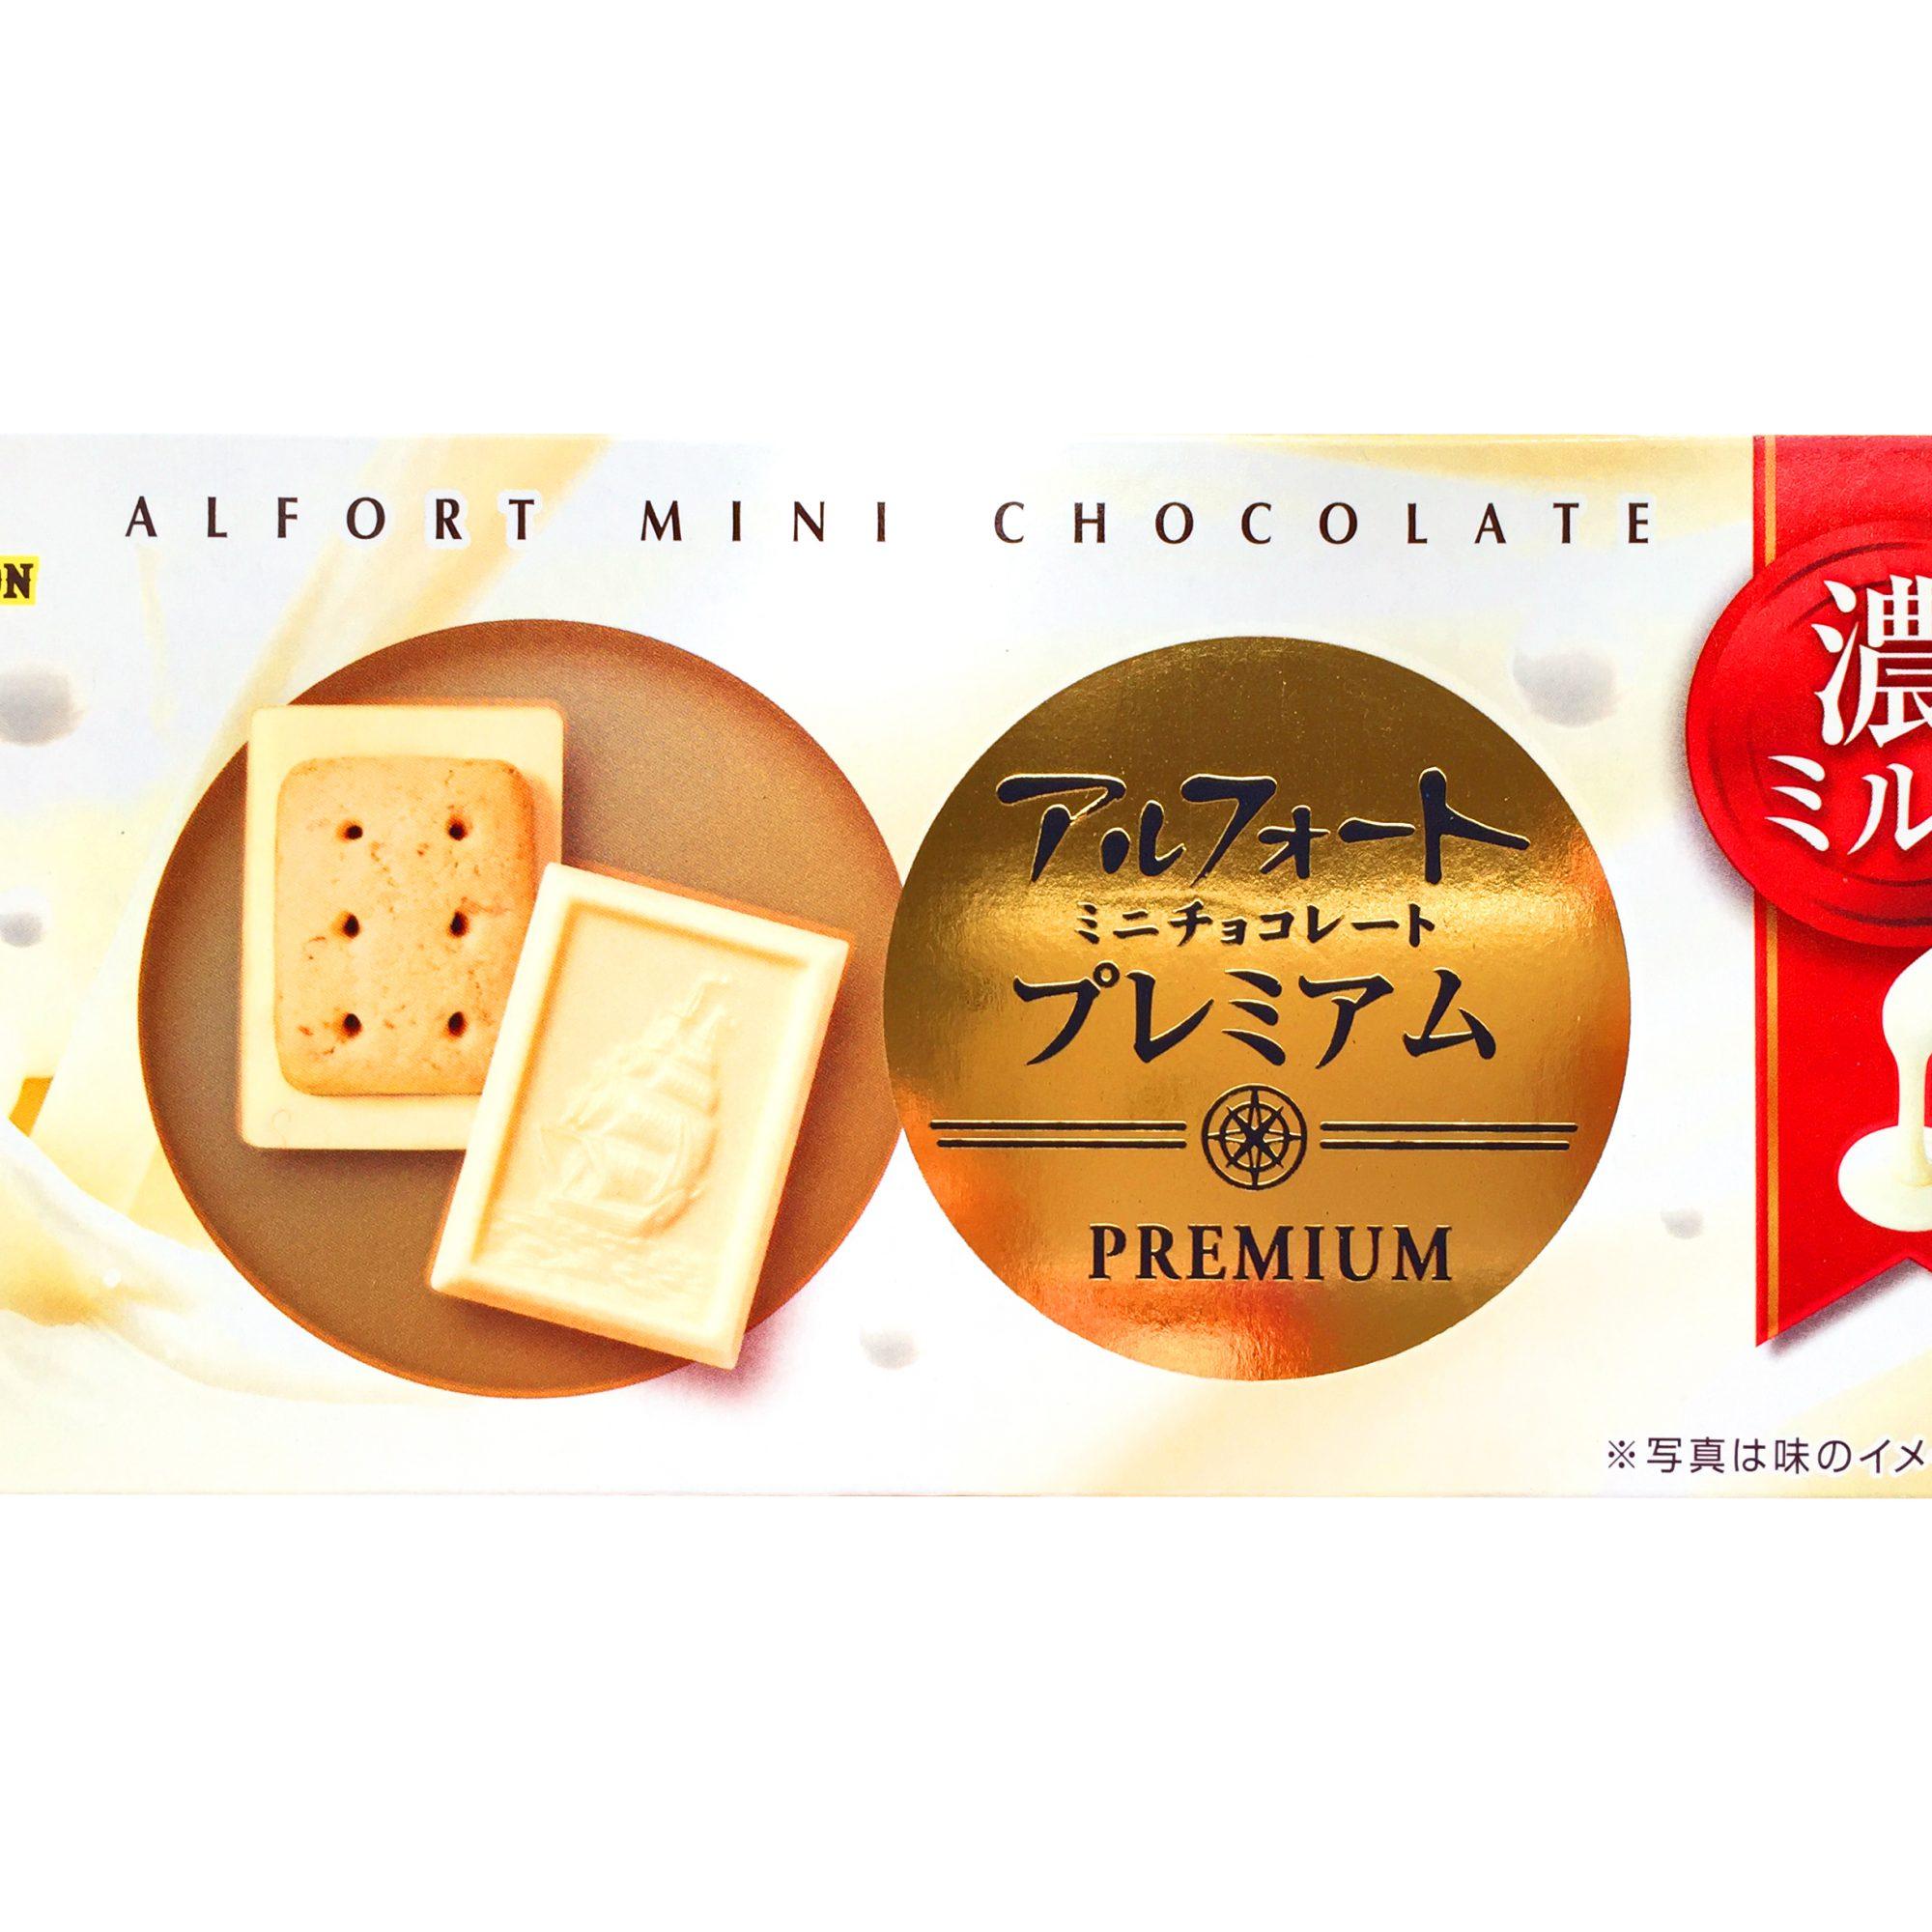 ブルボン『アルフォートミニチョコレート プレミアム濃ミルク』は濃厚なミルクの味わいと全粒粉入りビスケットが贅沢!1個あたり12.5円とコスパもプレミアム◎